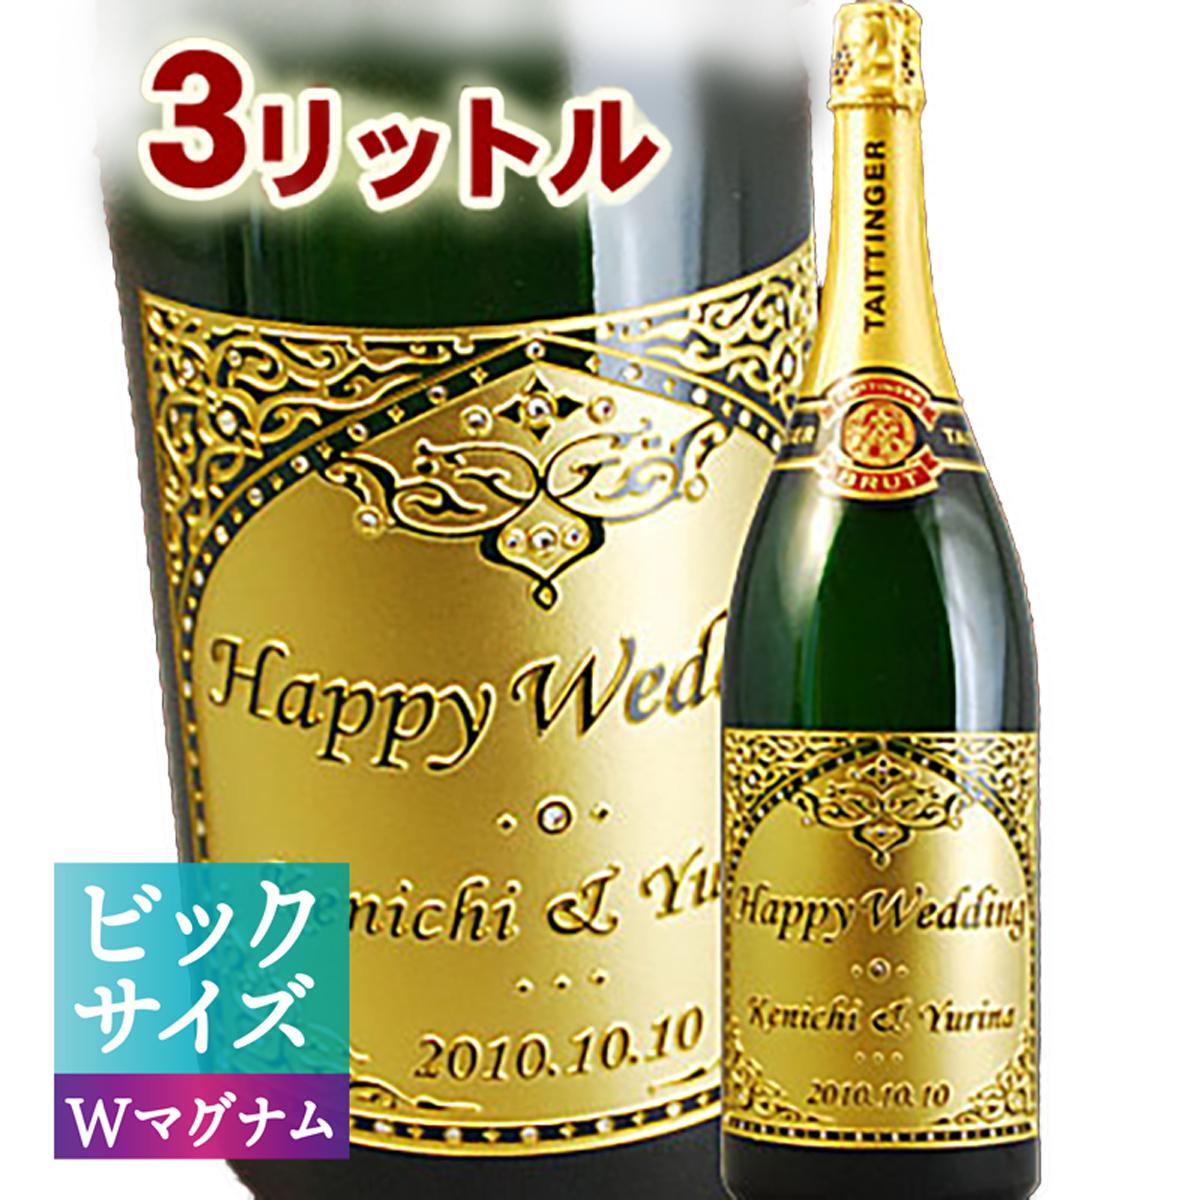 【 3リットル 名入れ 】 テタンジェ ブリュット・レゼルヴ 3L | シャンパン 大きい お酒 プレゼント おしゃれ ギフト 名前入り シャンパーニュ 両親 結婚 結婚祝い 誕生日 記念日 洋酒 開業 開店 創業 イベント 贈答品 贈り物 おくりもの ウエルカムボード 名入れ酒